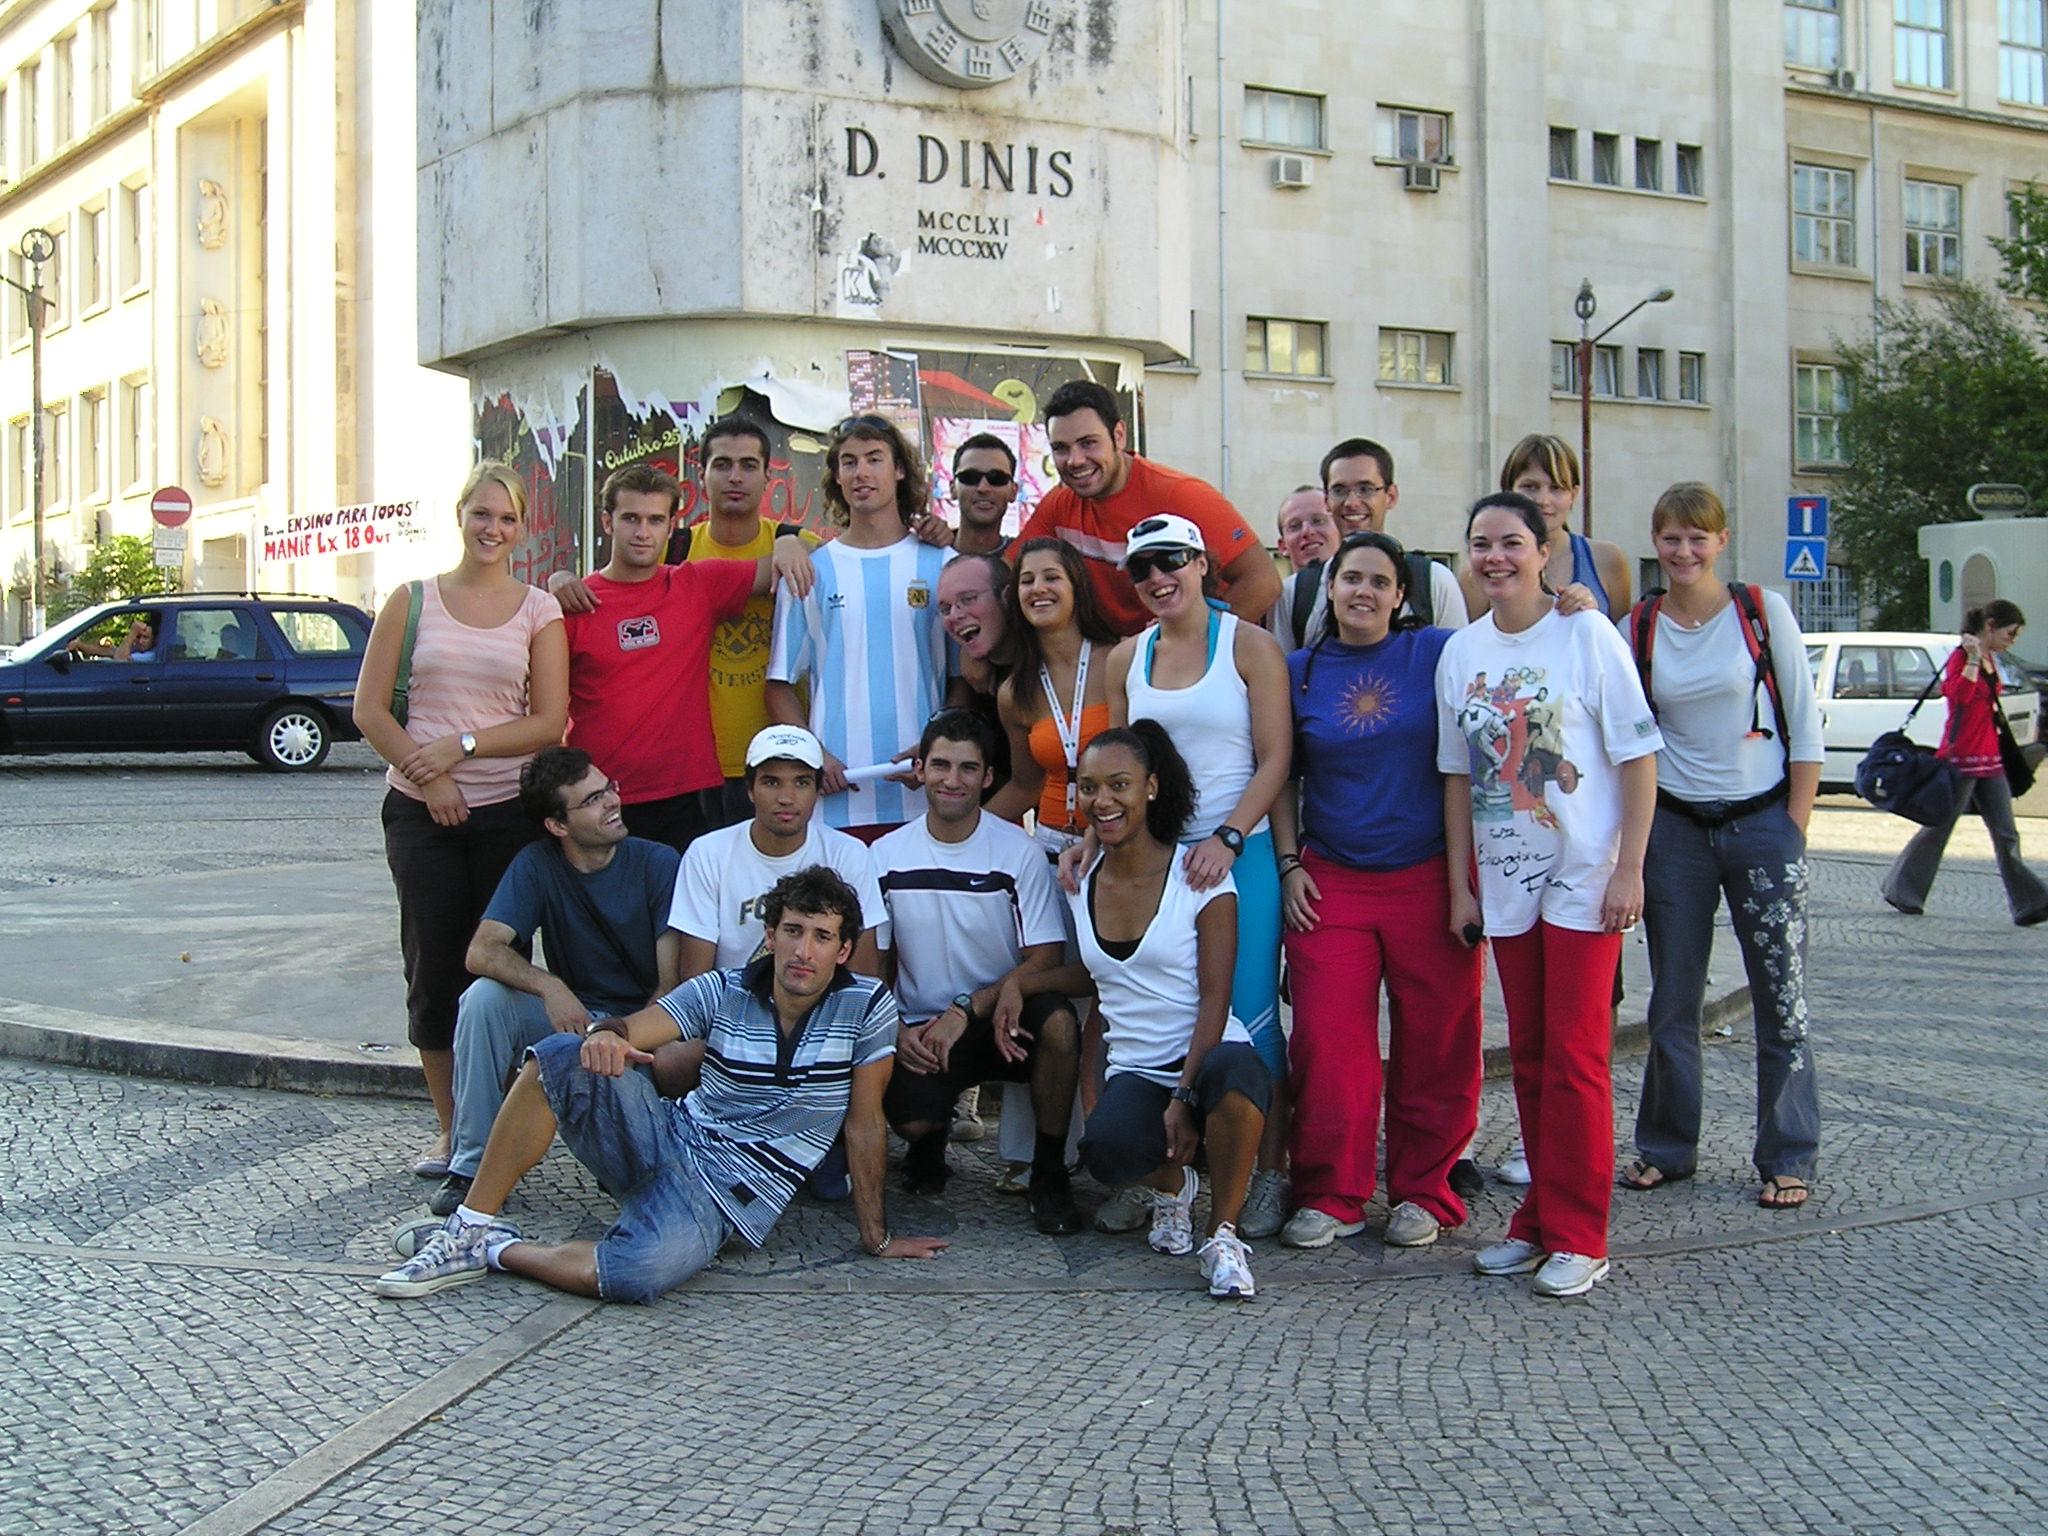 Coimbra-group